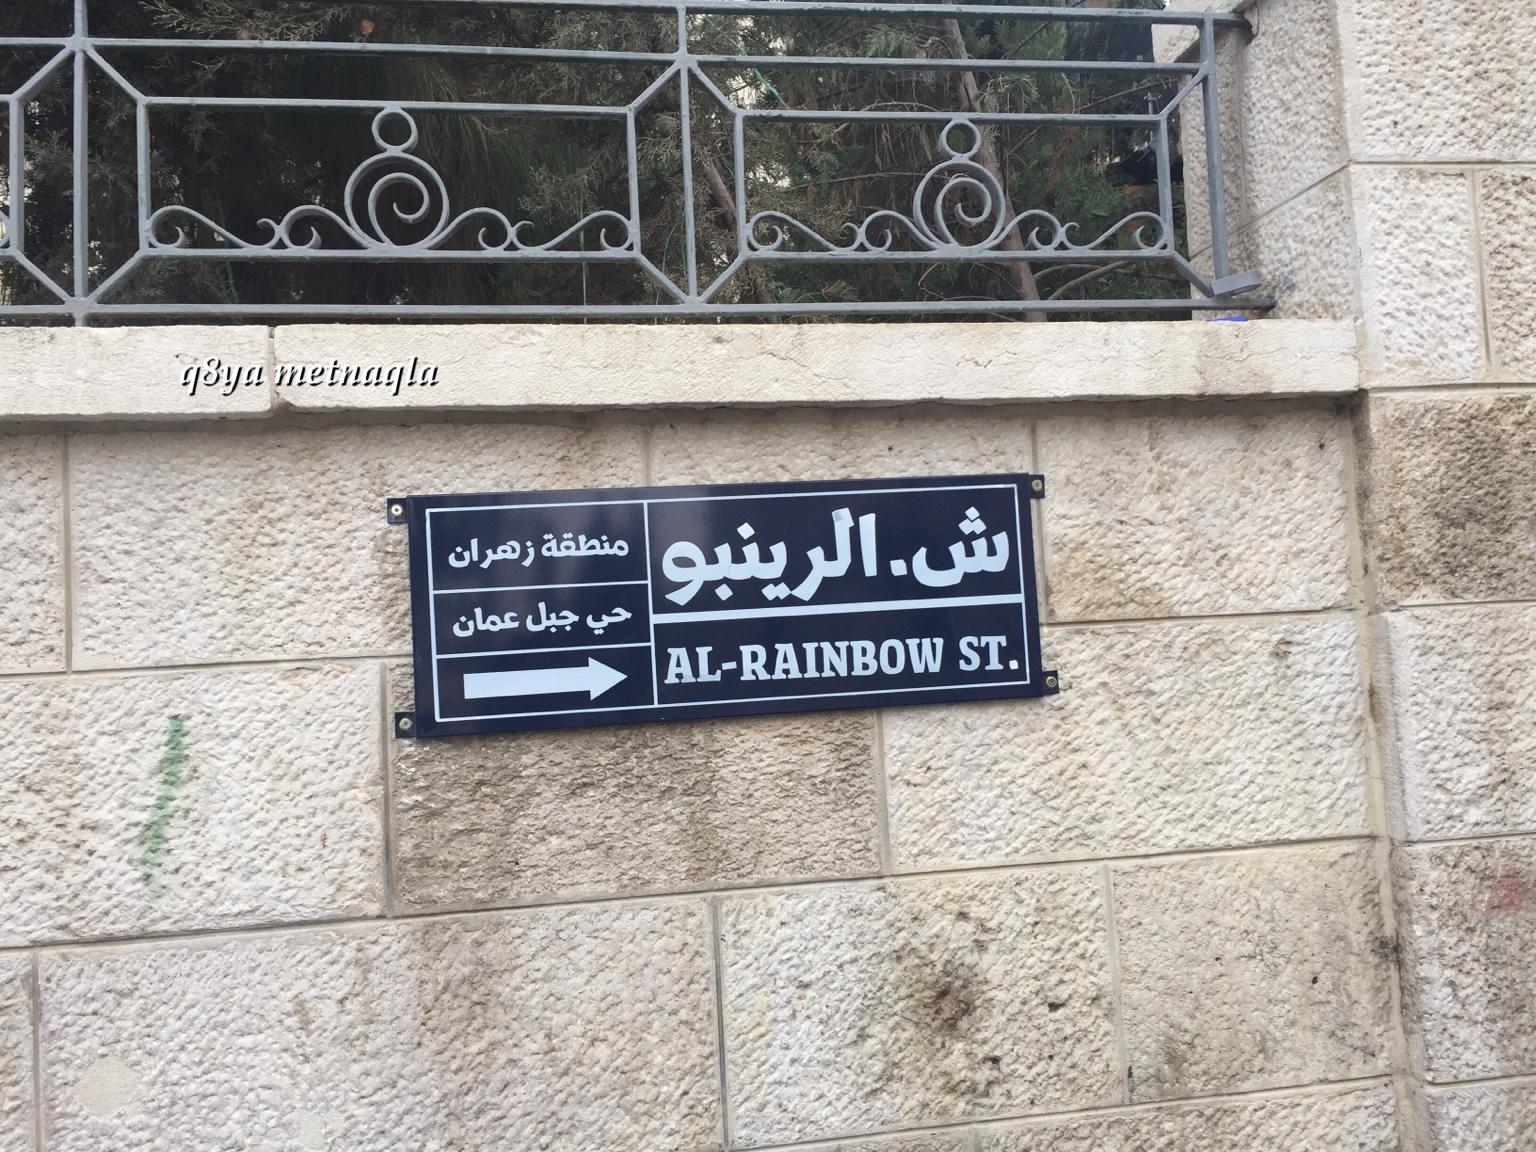 639335 المسافرون العرب ارض النشامى